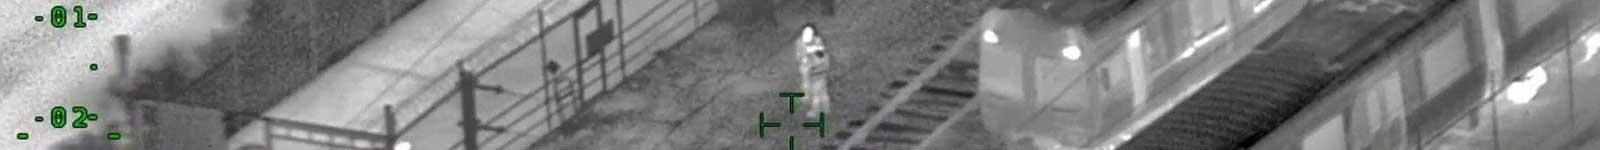 گشت زنی و پیدا نمودن افراد در طبیعت توسط دوربین حرارتی